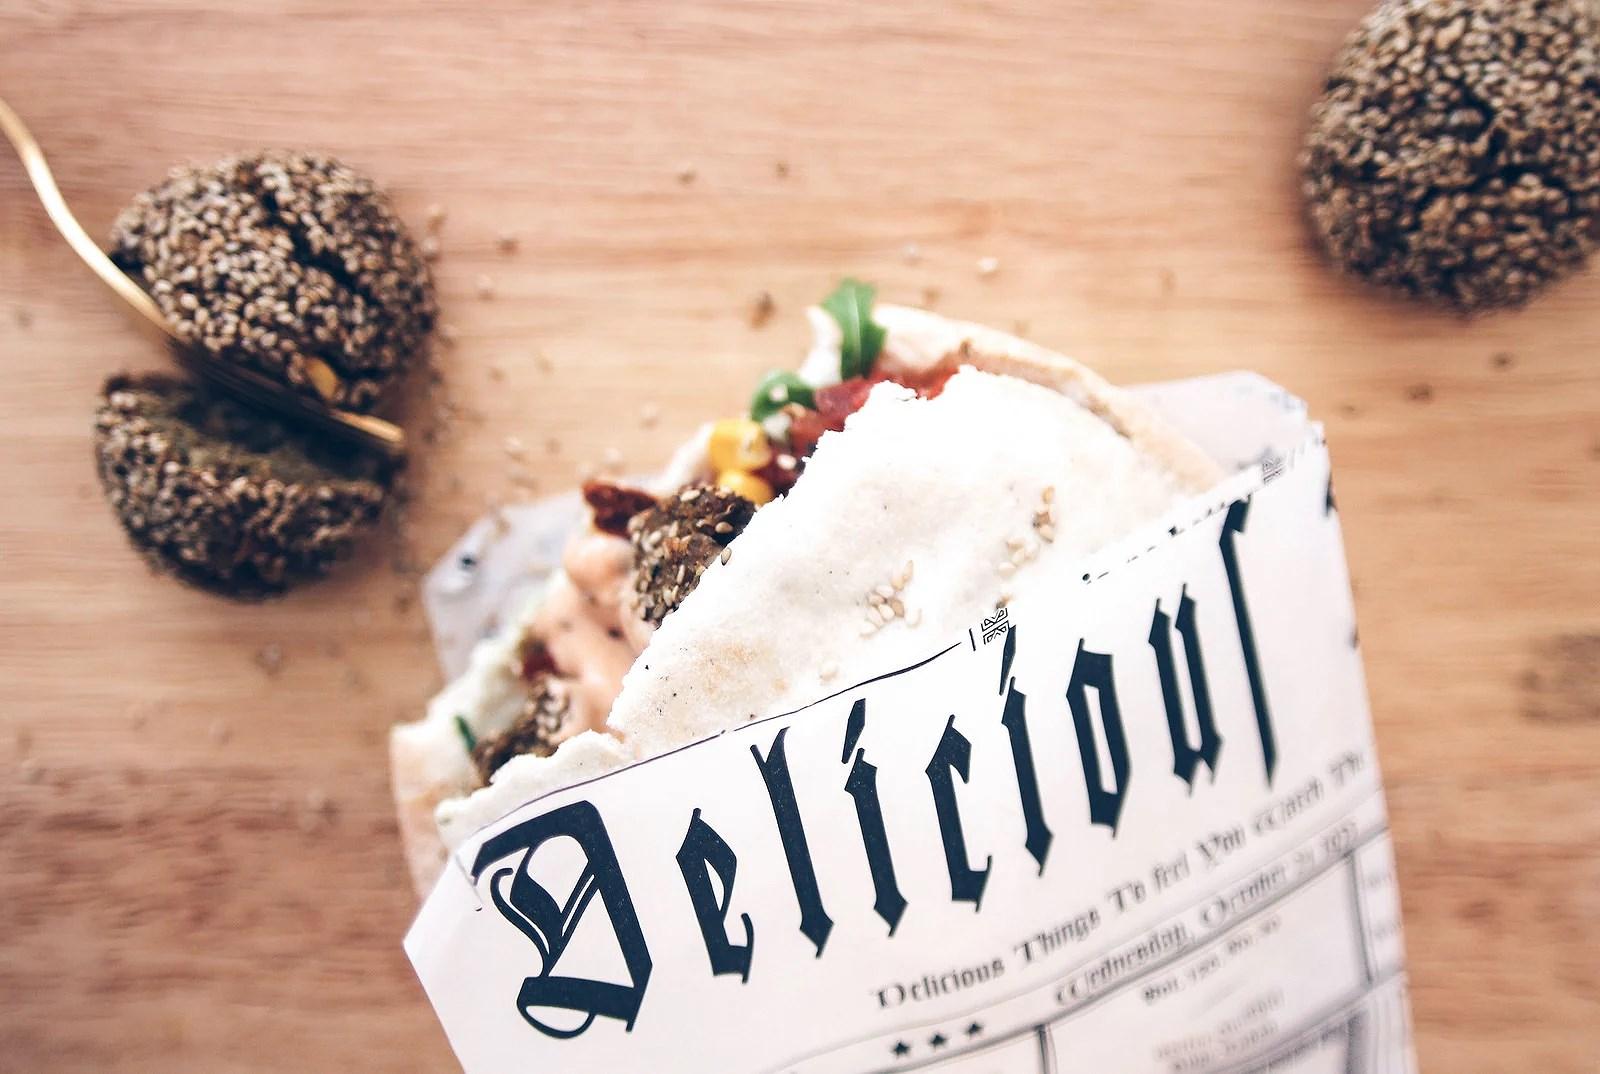 Maailman parhaat falafelit